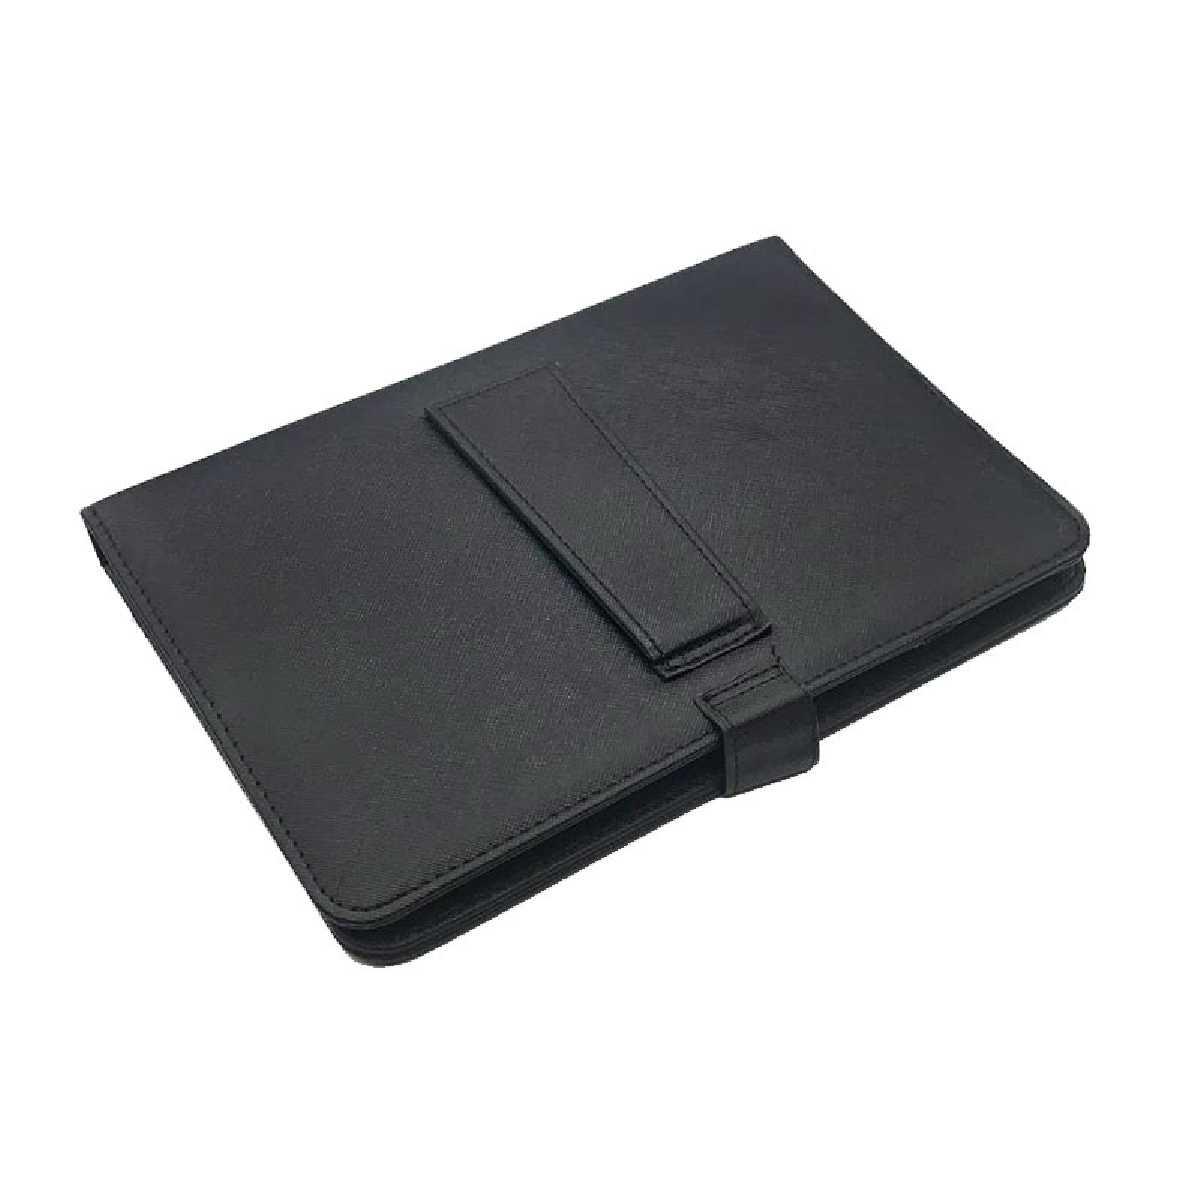 טאבלט Smart Tab pro A11 Wi-Fi